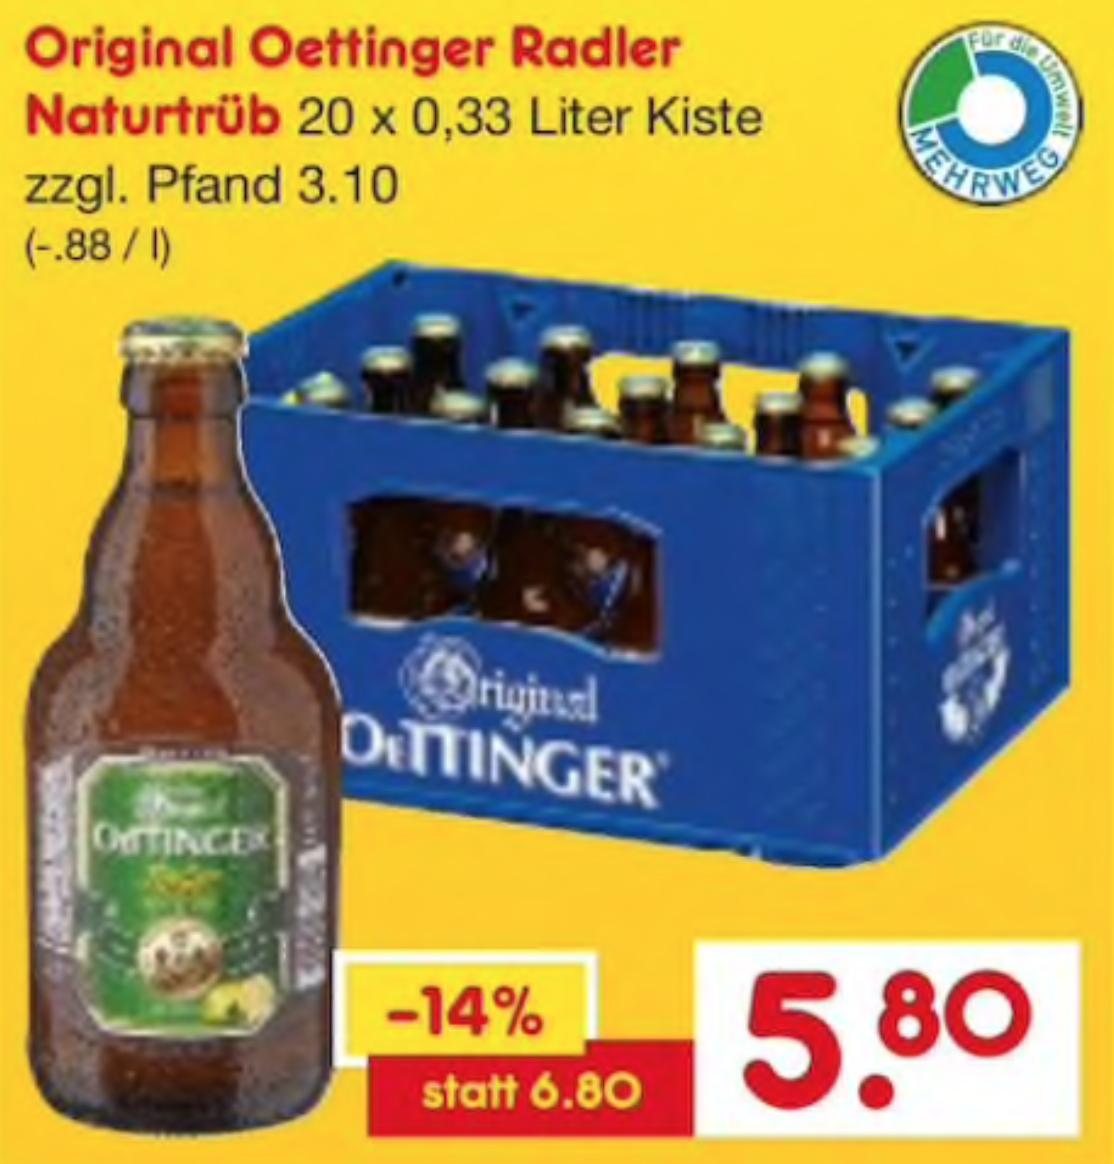 [NETTO Getränkemarkt] Oettinger Radler Naturtrüb (20 x 0,33l) (Lokal - Ludwigshafen)